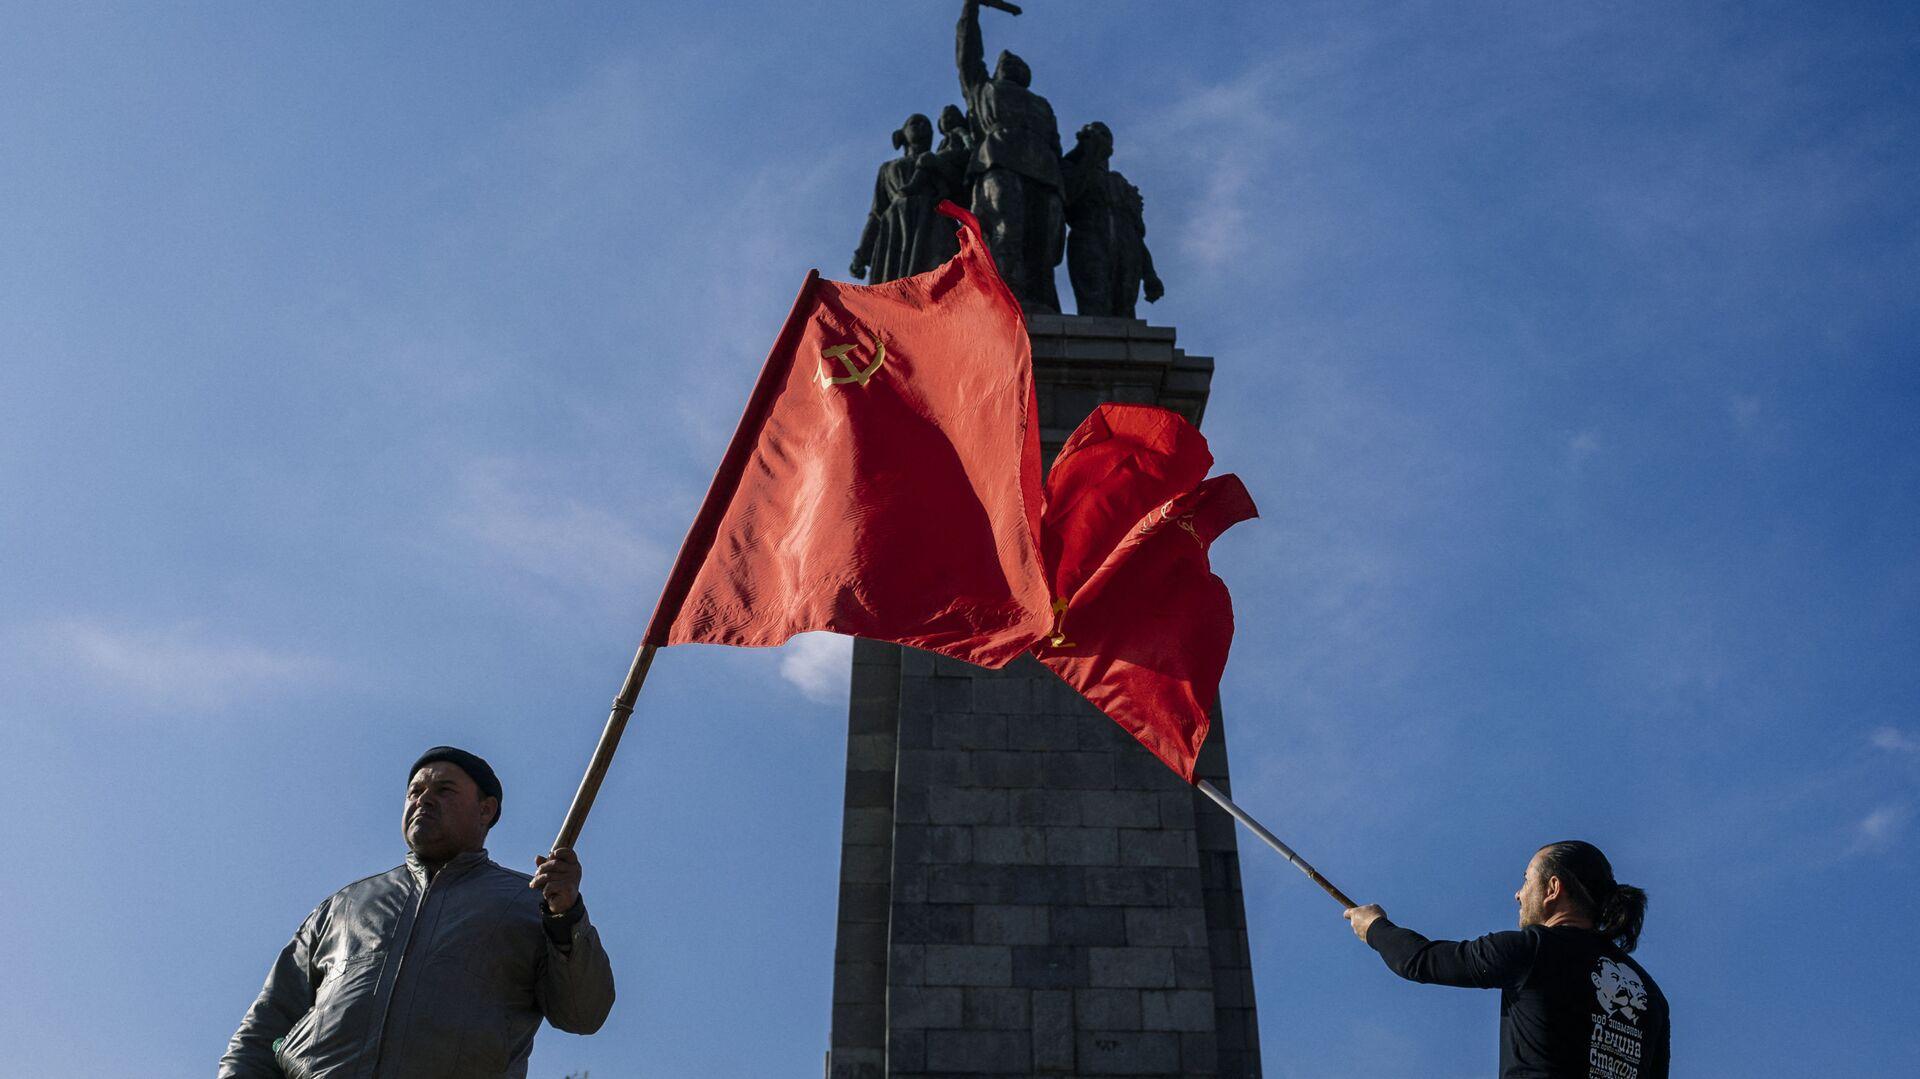 Bulharští komunisté před pomníkem sovětské armády v Sofii - Sputnik Česká republika, 1920, 15.05.2021